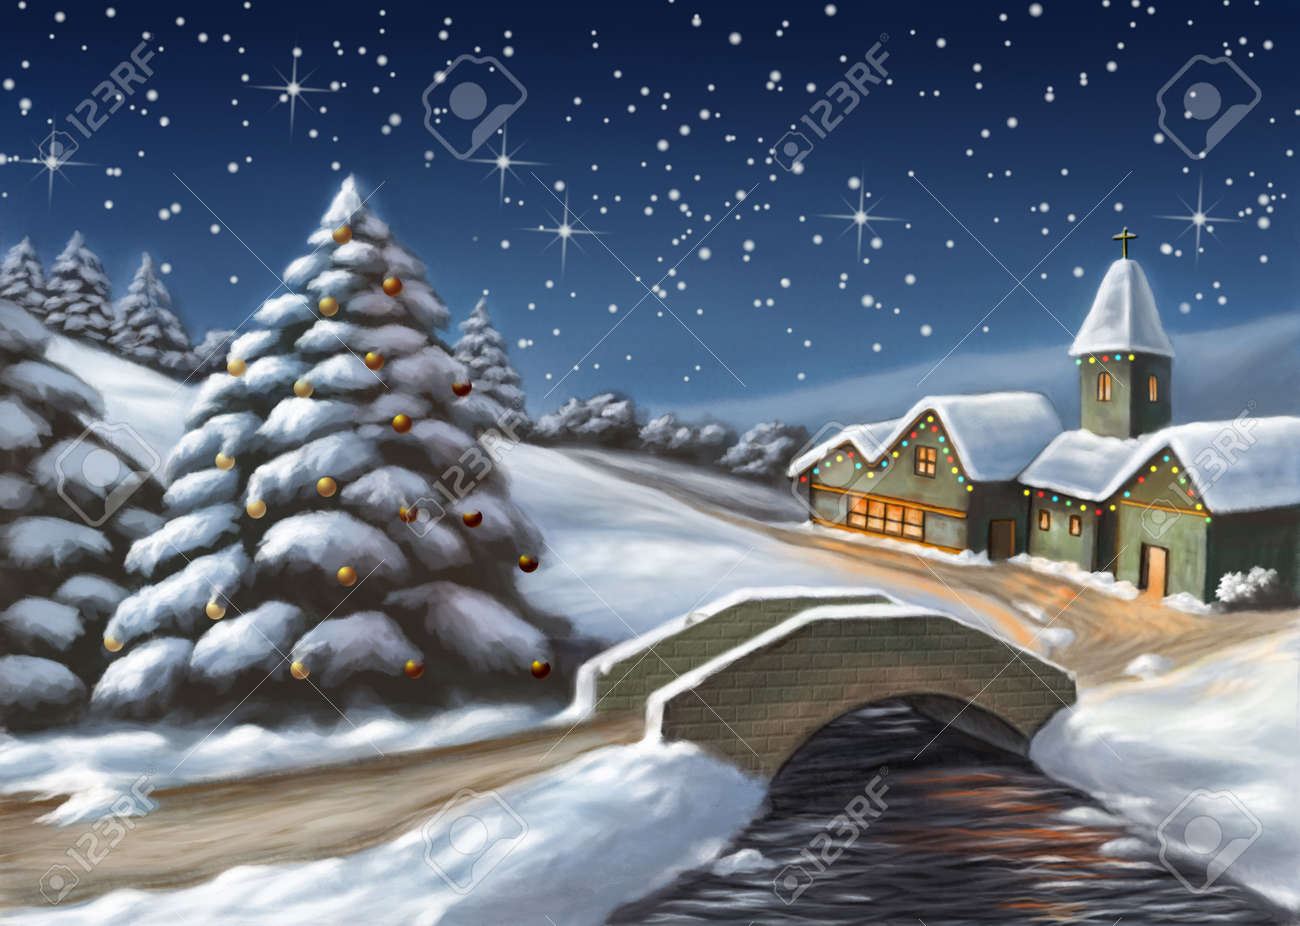 魅惑のクリスマス風景デジタル イラストです の写真素材画像素材